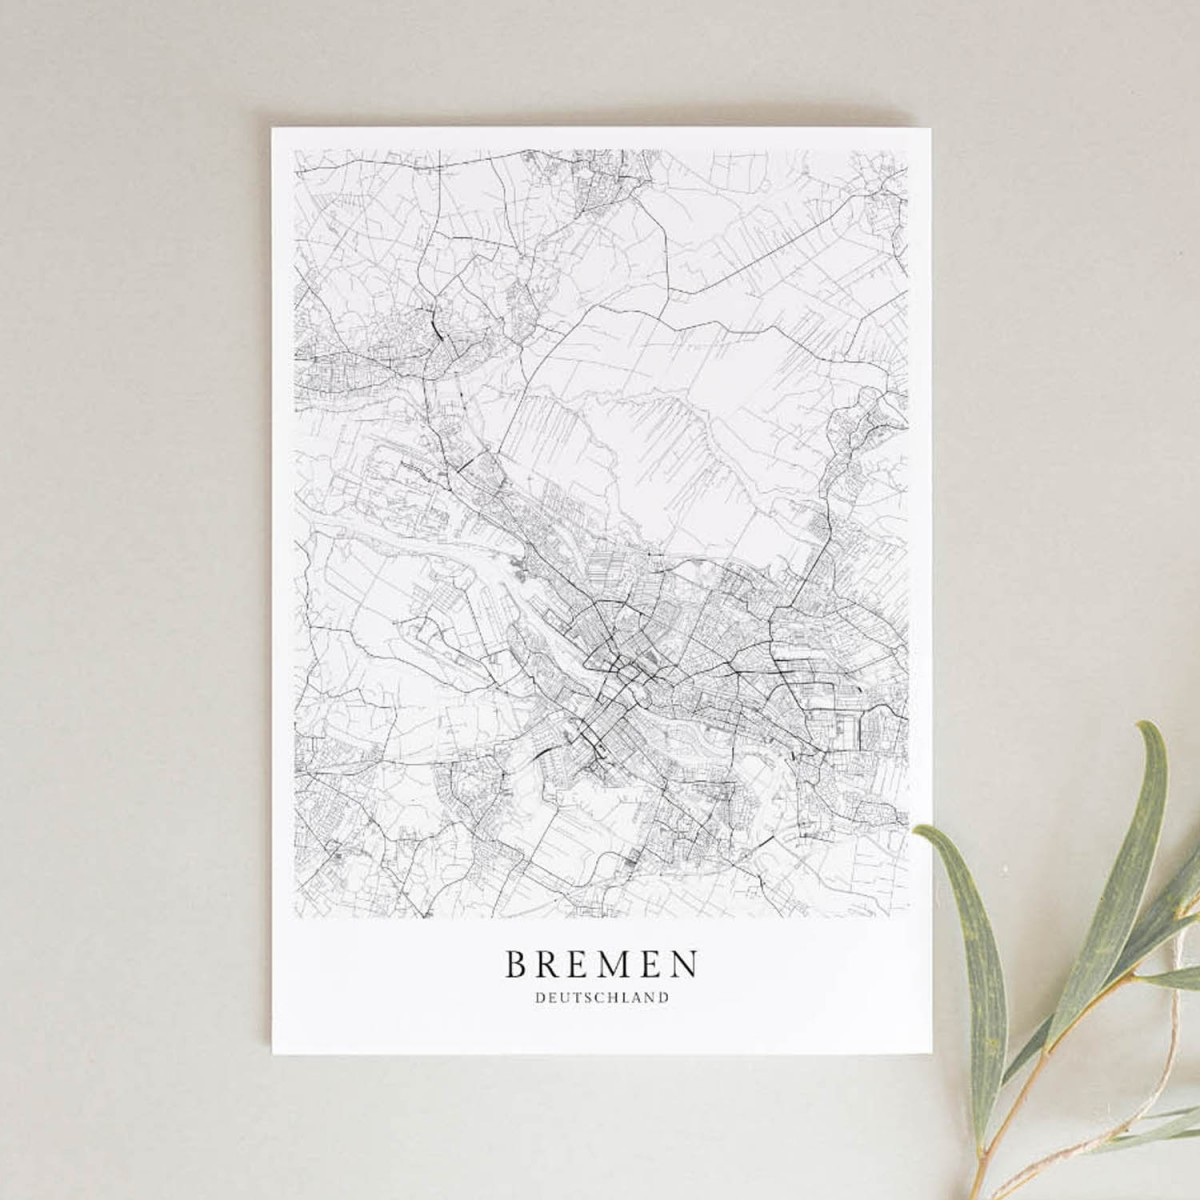 Bremen als hochwertiges Poster im skandinavischen Stil von Skanemarie